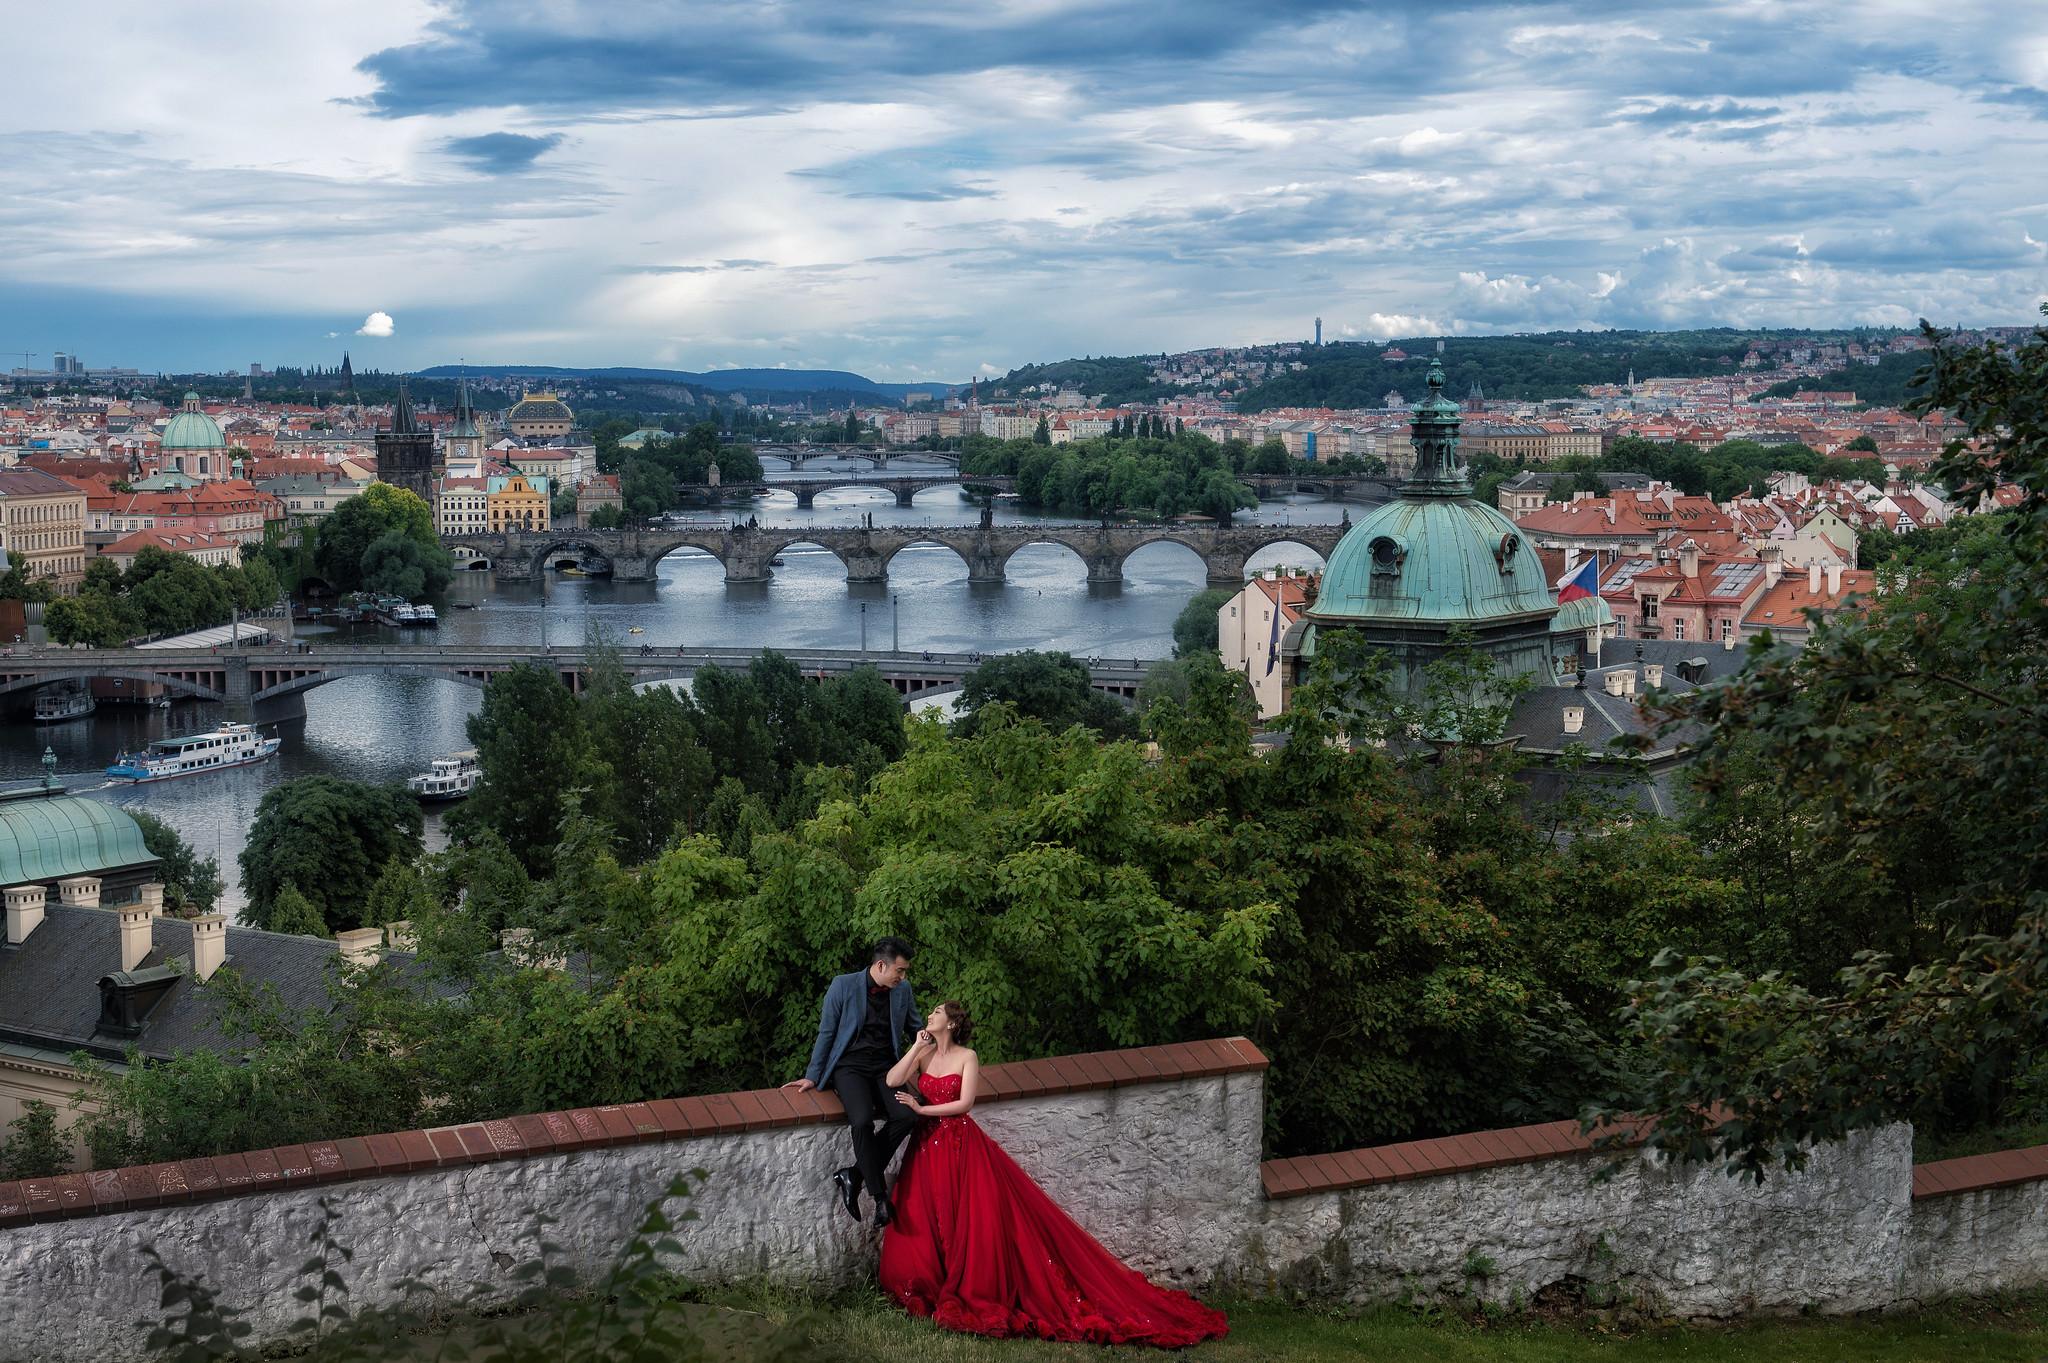 婚攝東法, 海外婚紗, 旅行婚紗, Donfer, Donfer Photography, 藝術婚紗, 婚紗影像, 布拉格婚紗, Praha, 查理大橋